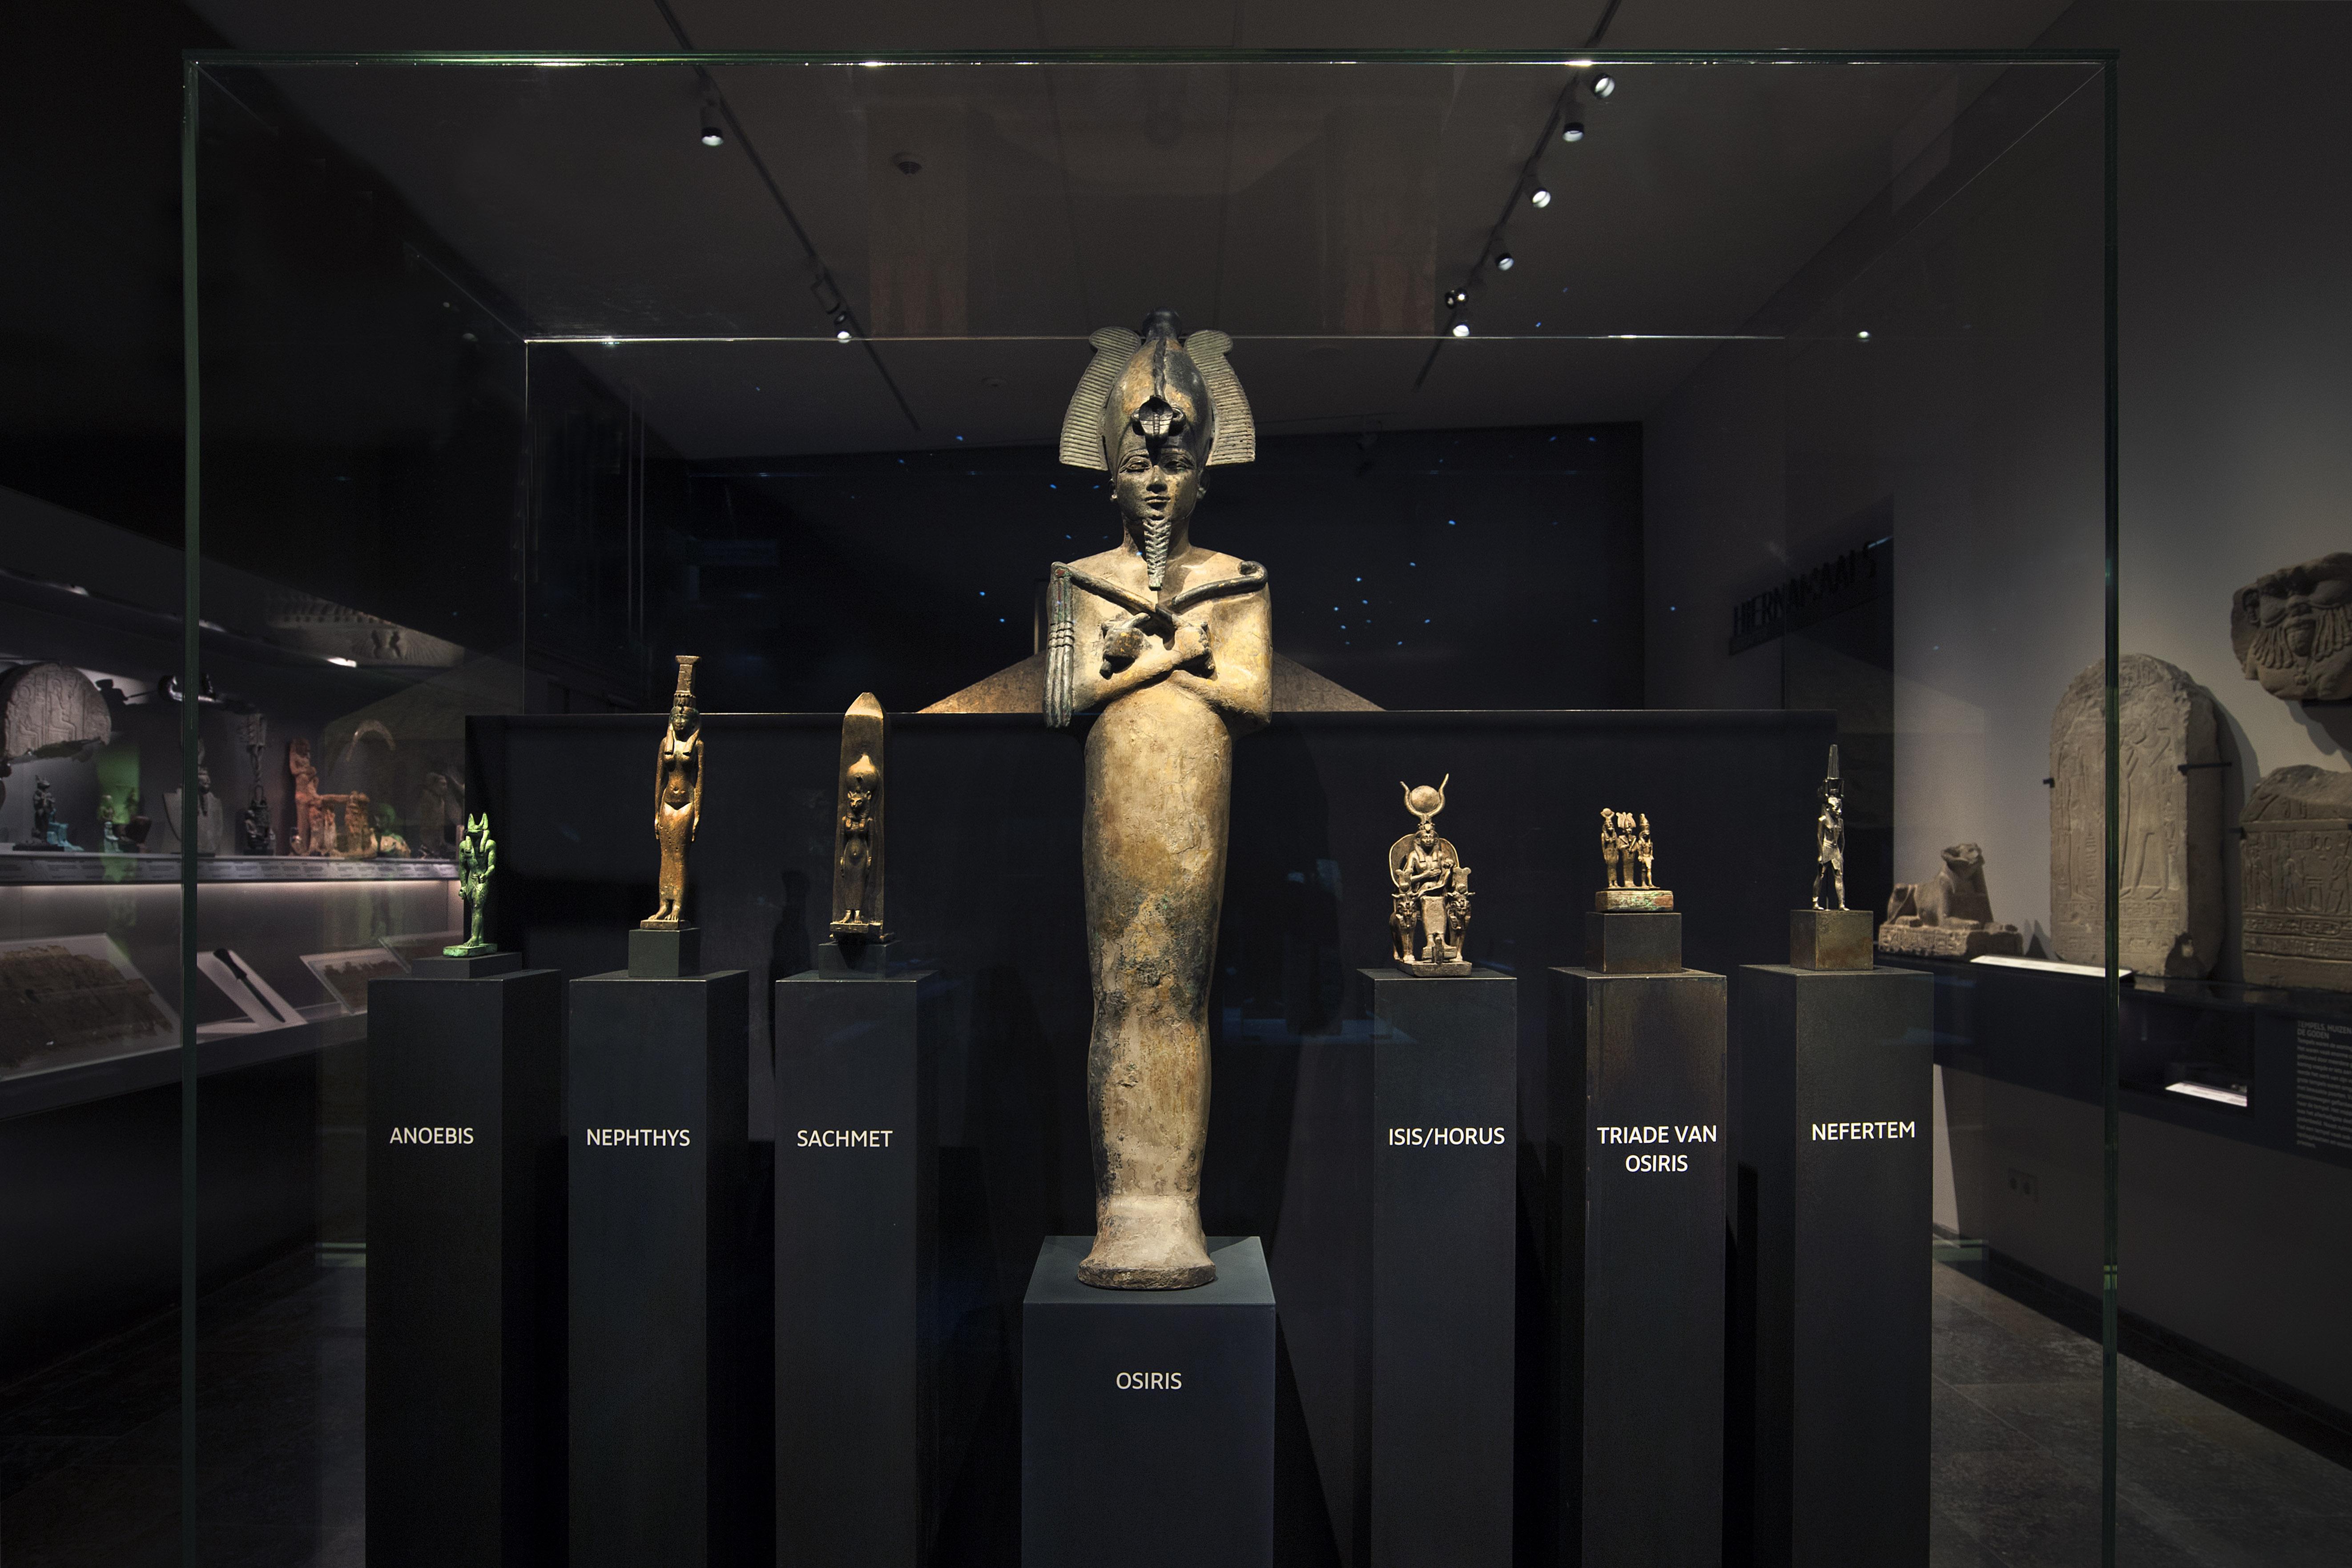 Nieuwe zalen Egyptische collectie Rijksmuseum van Oudheden foto Rob Overmeer 2 1